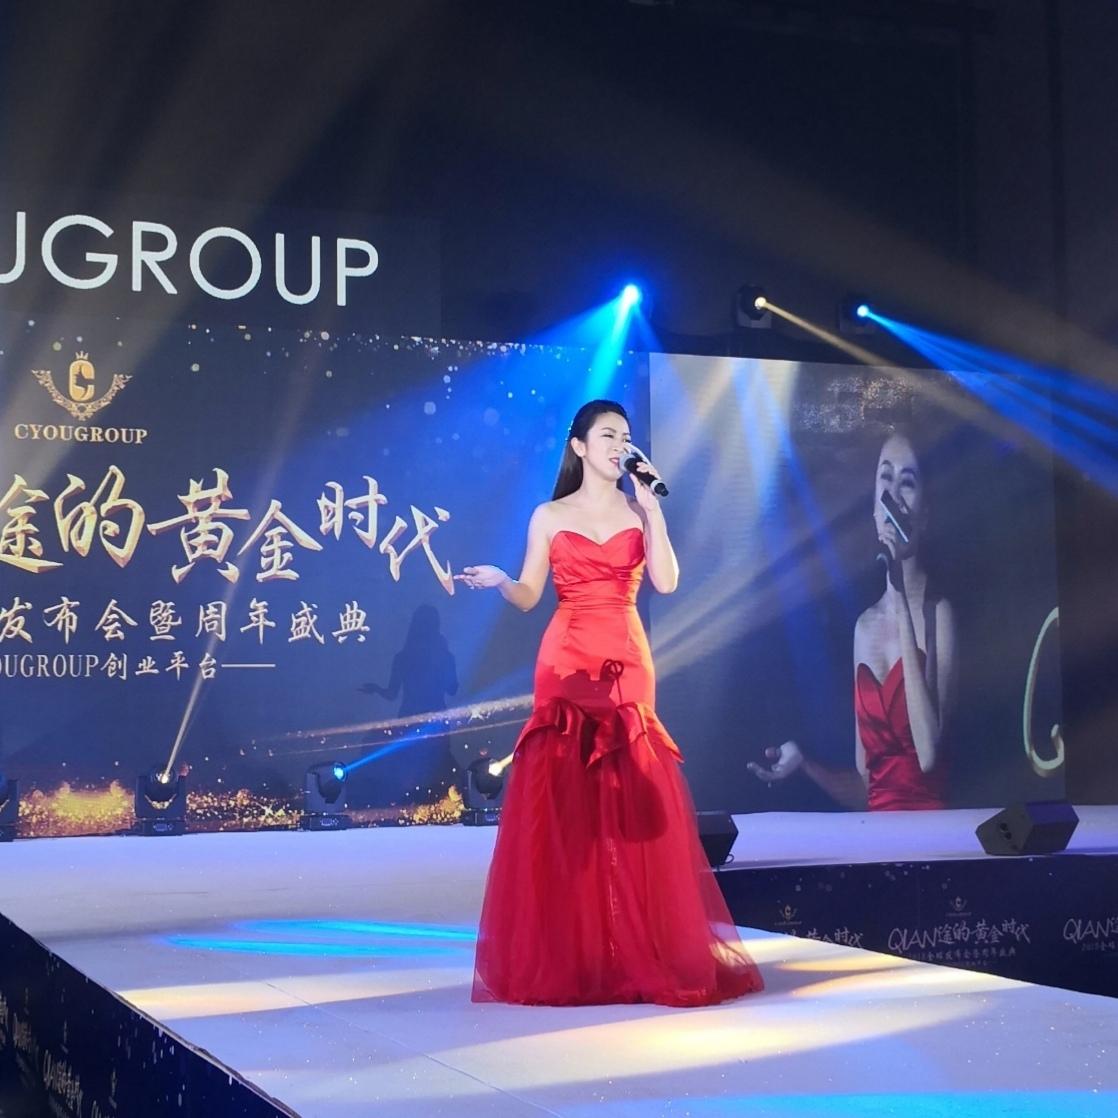 2018.3.18 廣州CYOUGROUP